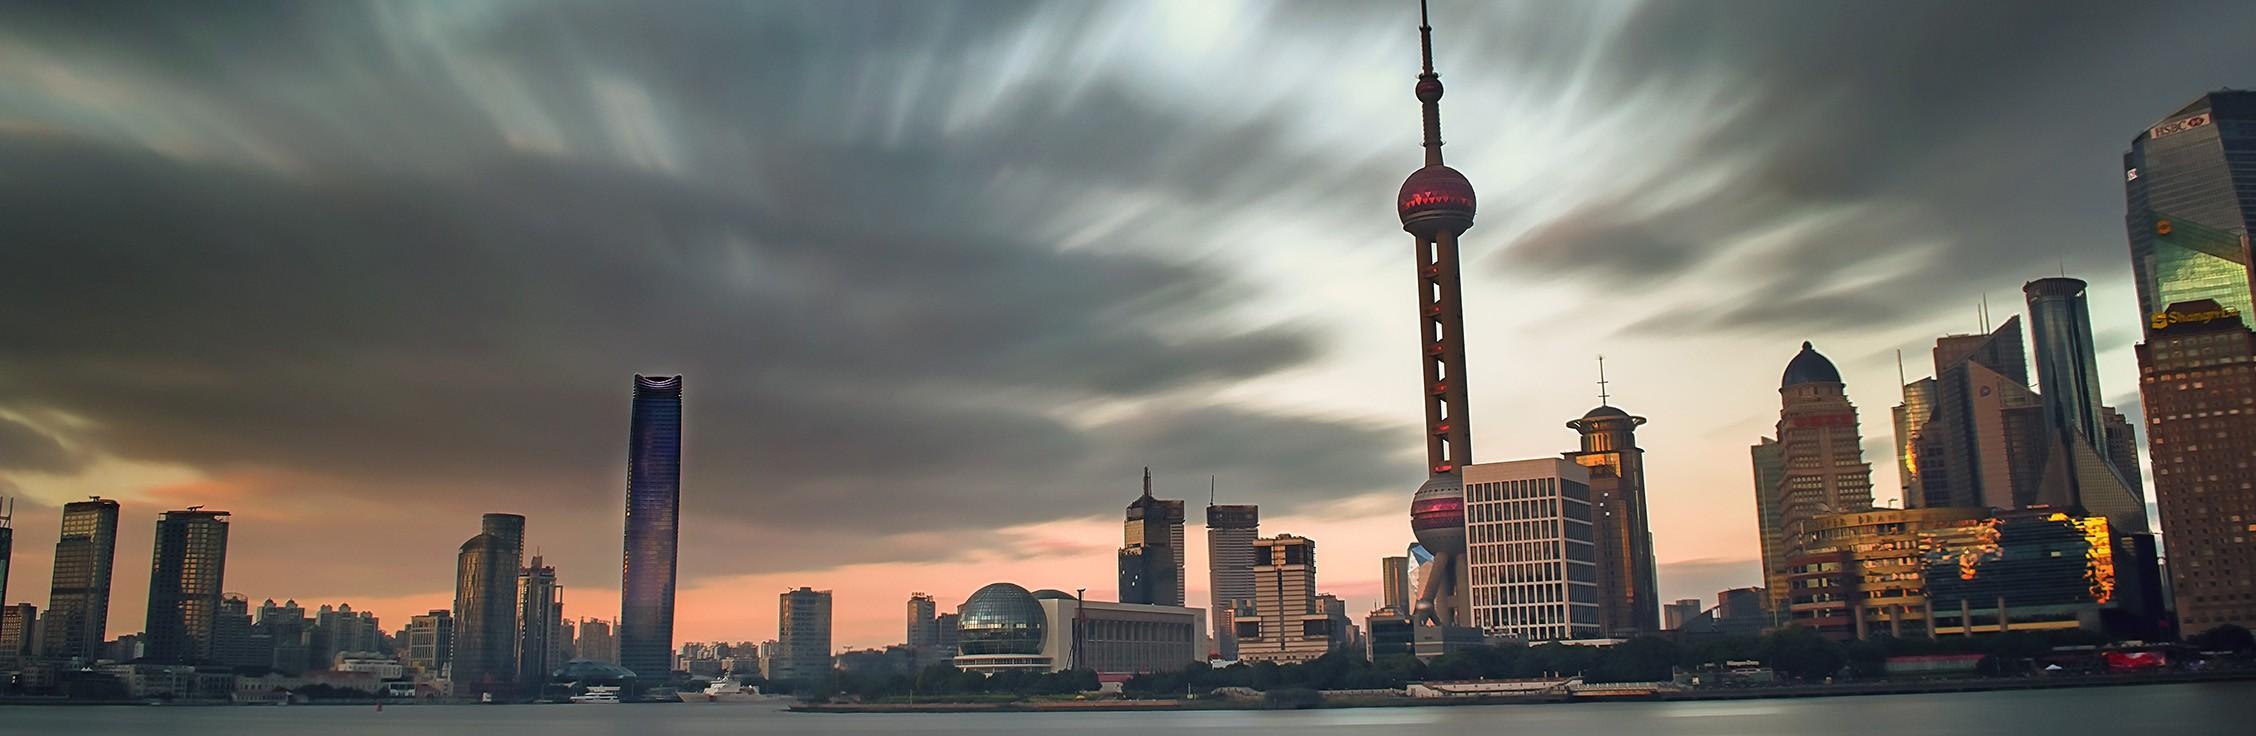 上海龙臻国际物流有限公司 Banner Image 1